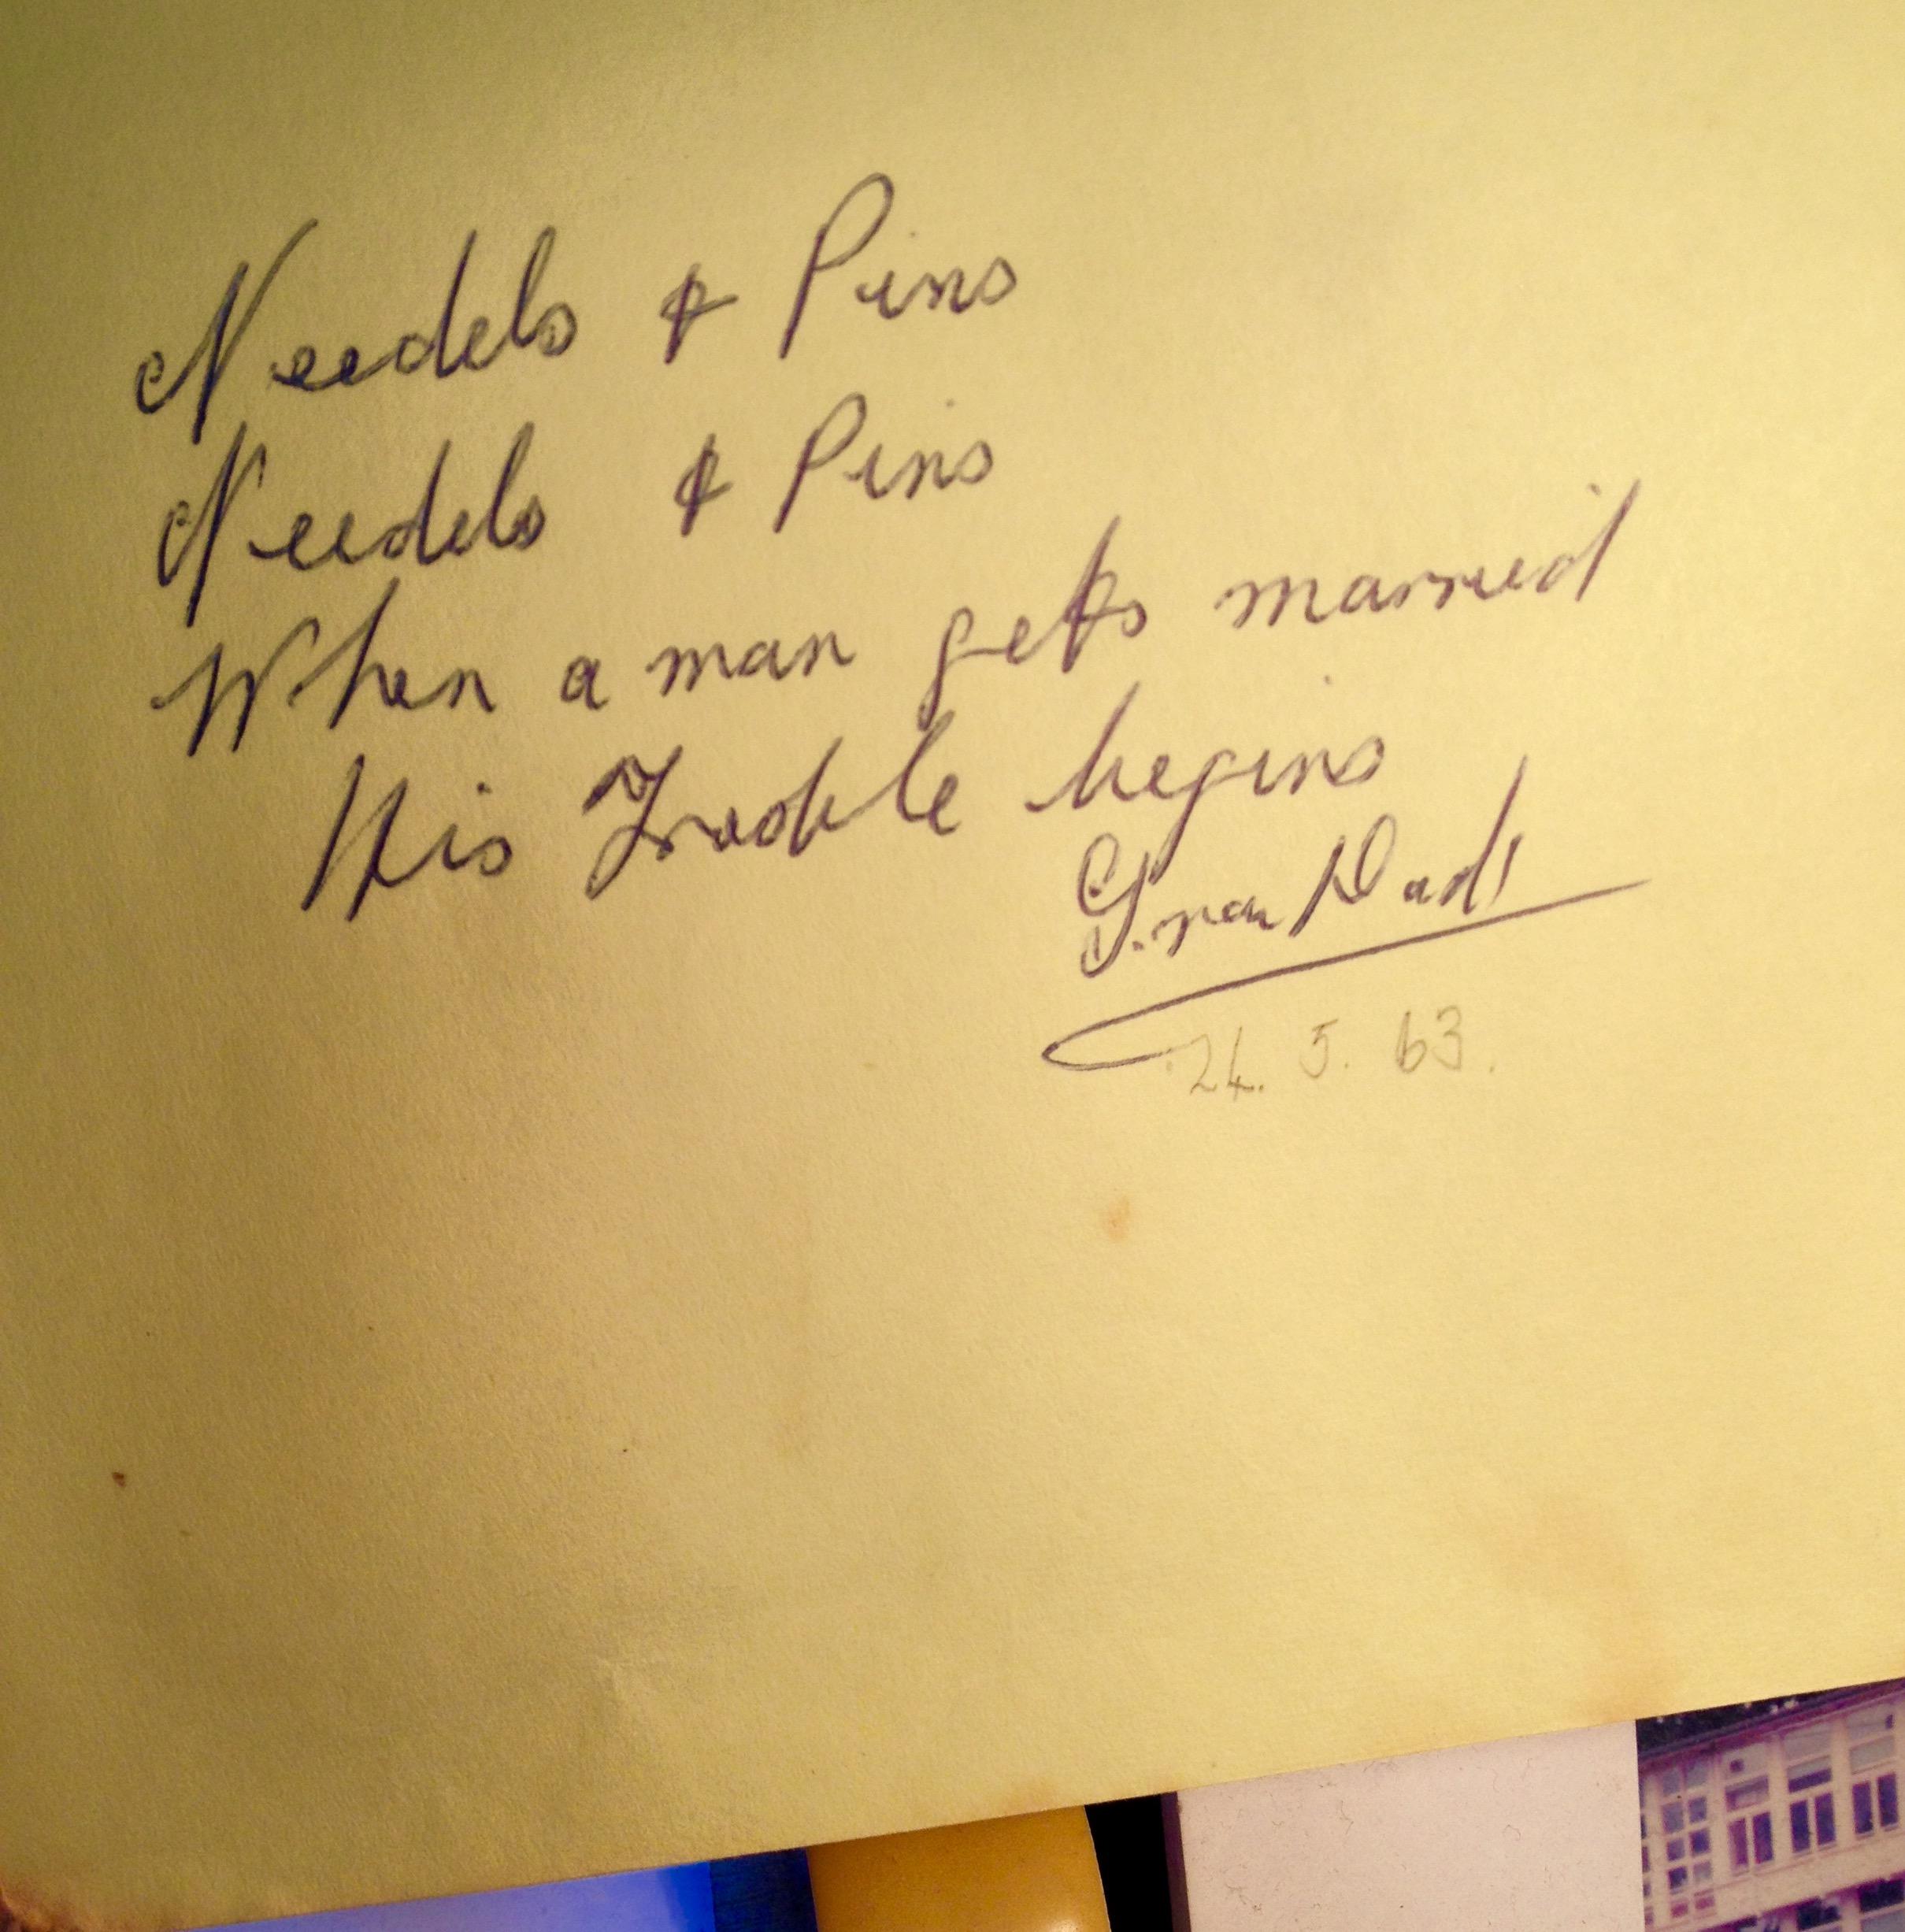 GranDad's autograph